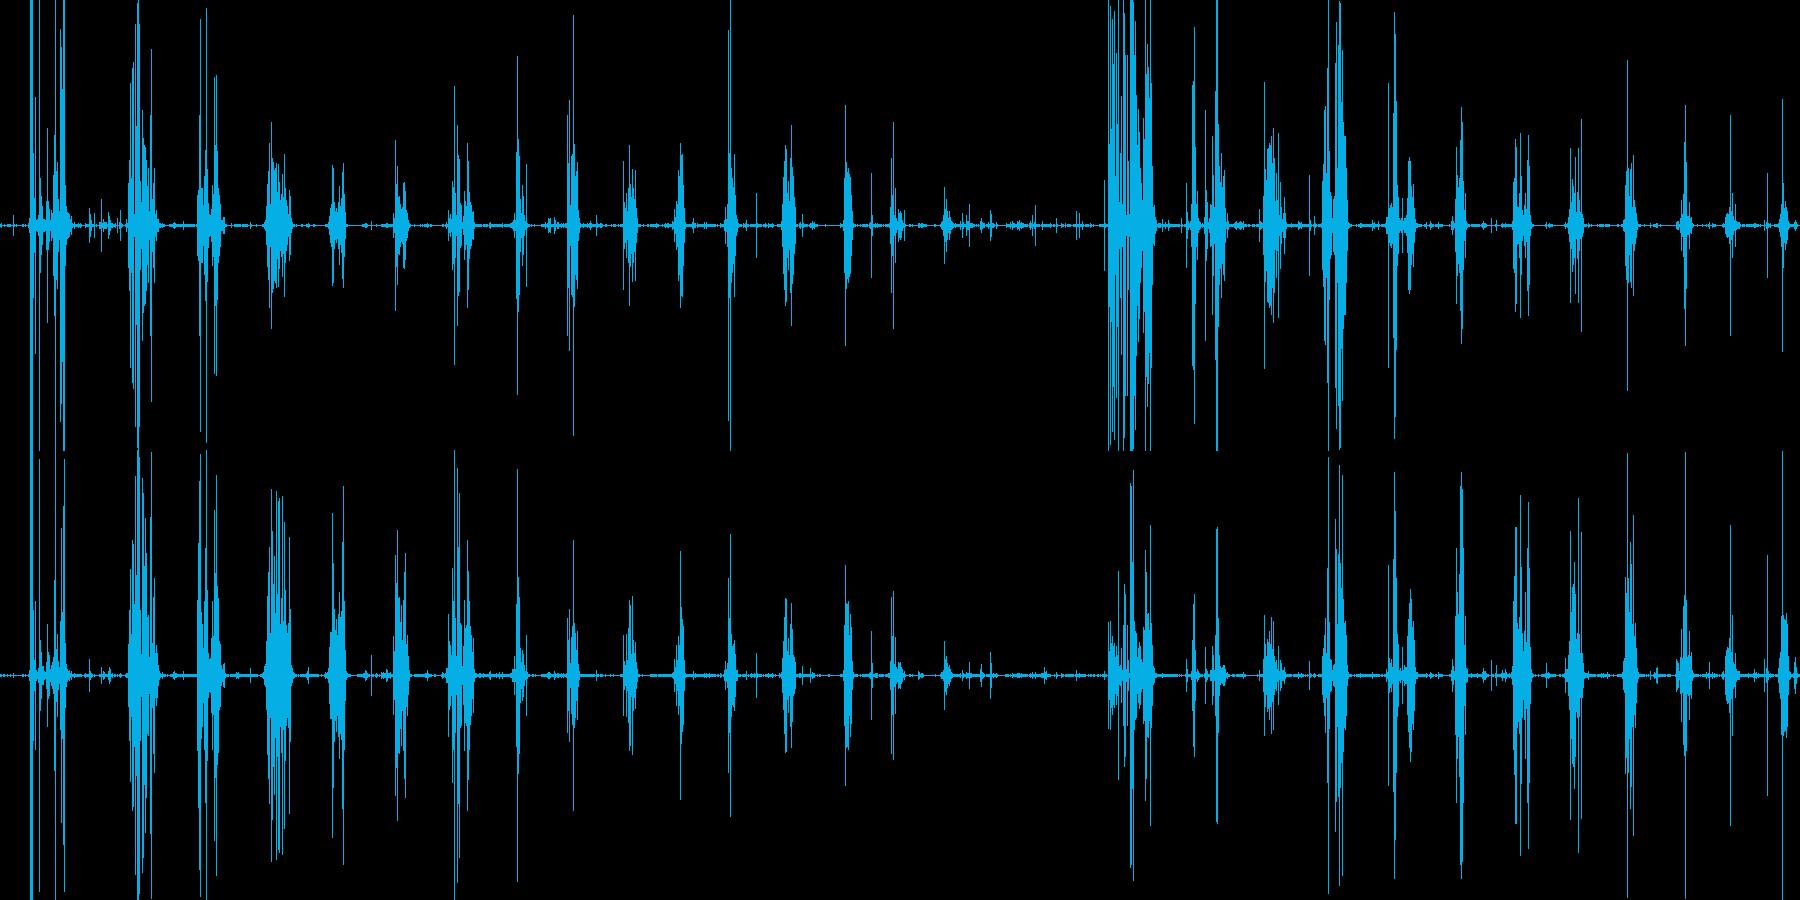 たくあんをボリッコリッとかじる音の再生済みの波形